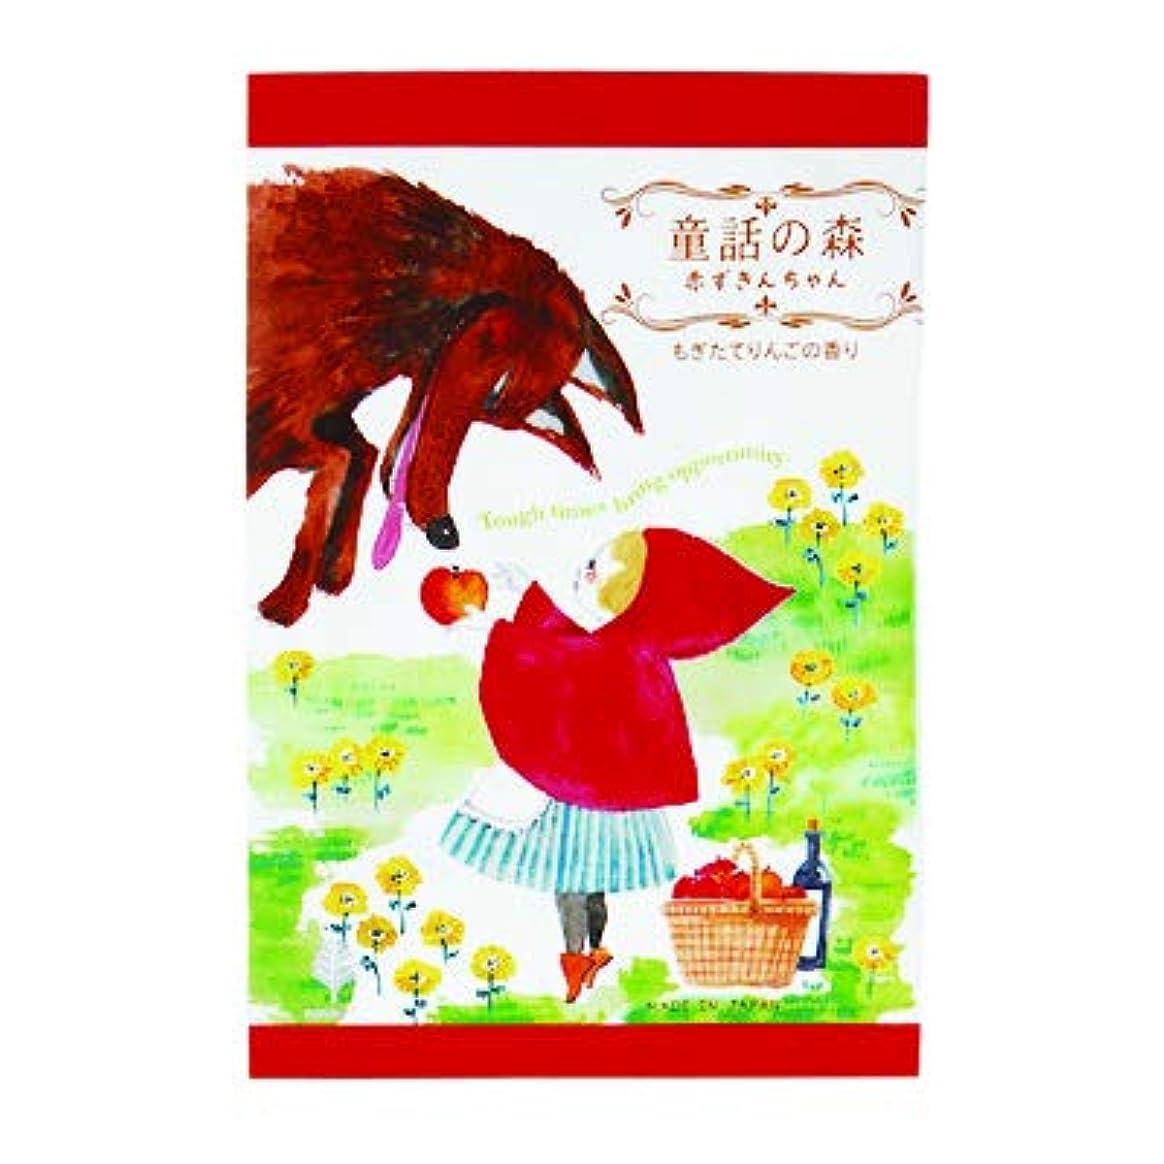 黒板爆発誇大妄想【まとめ買い3個セット】 童話の森 赤ずきんちゃん